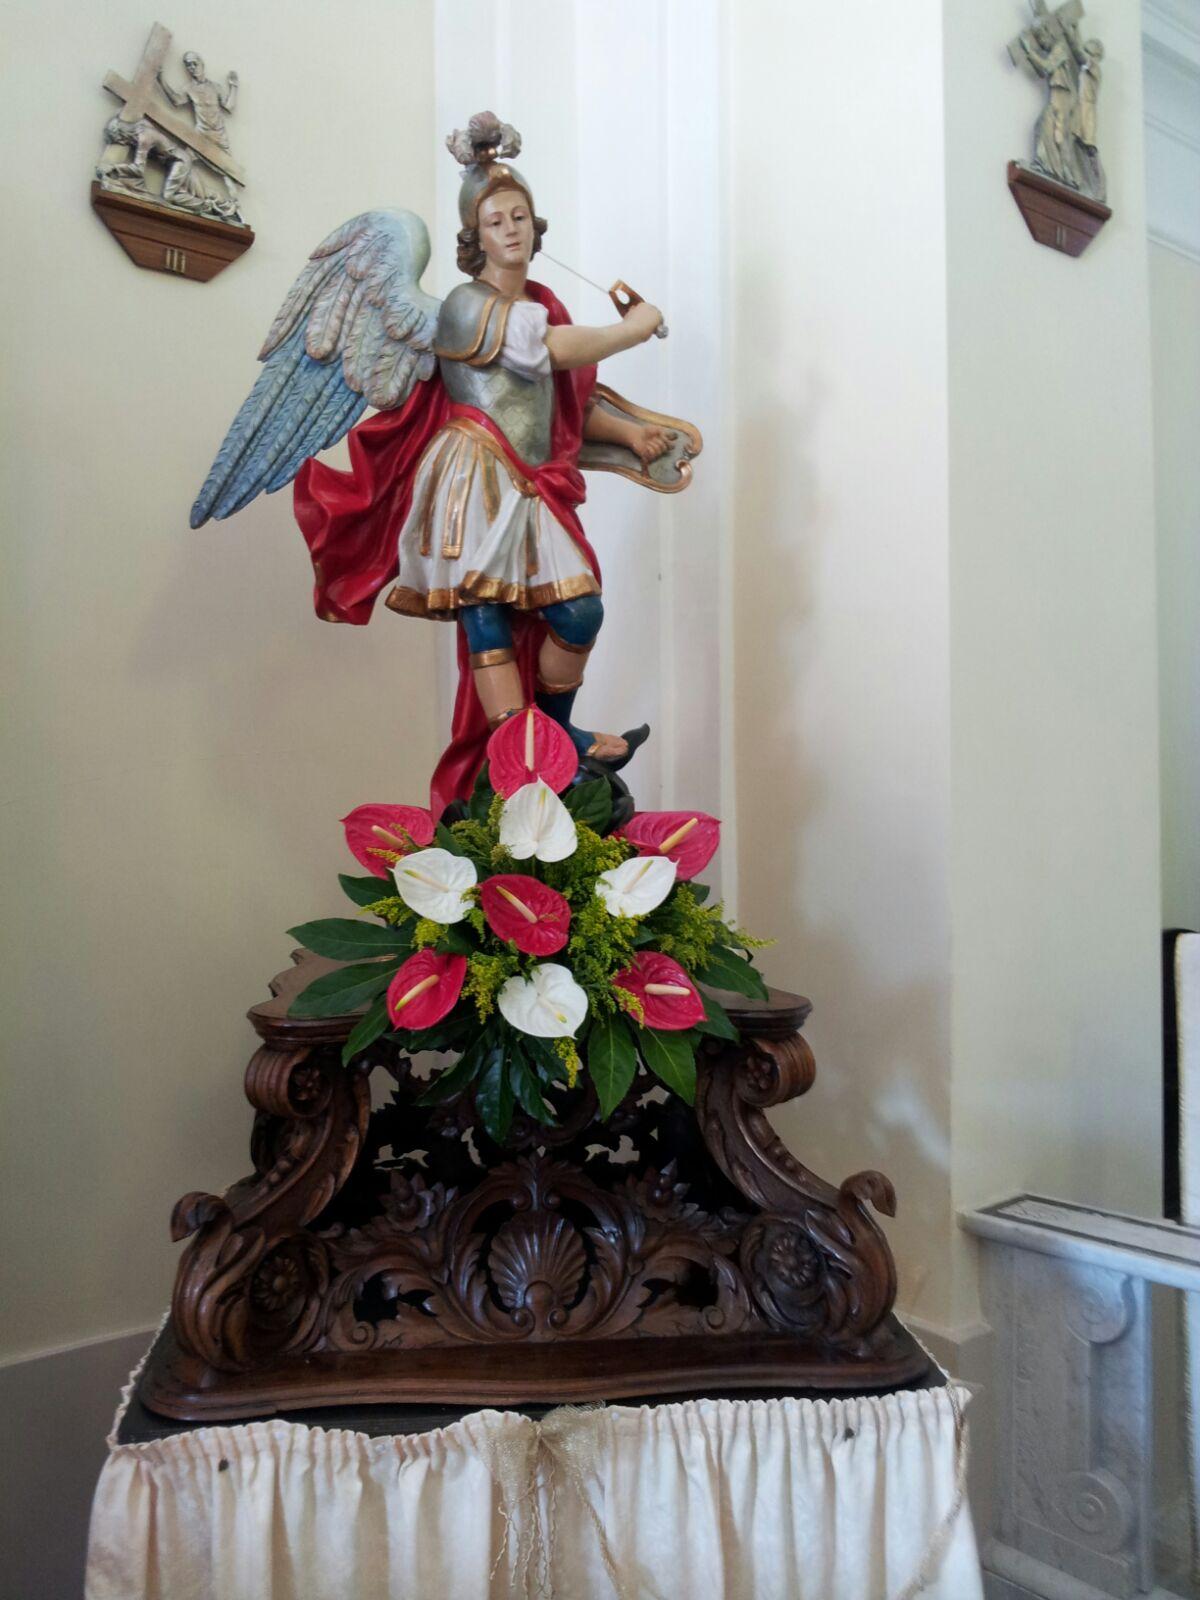 Comunità di Lentace in festa, devozione al Santo Michele Arcangelo protettore della comunità